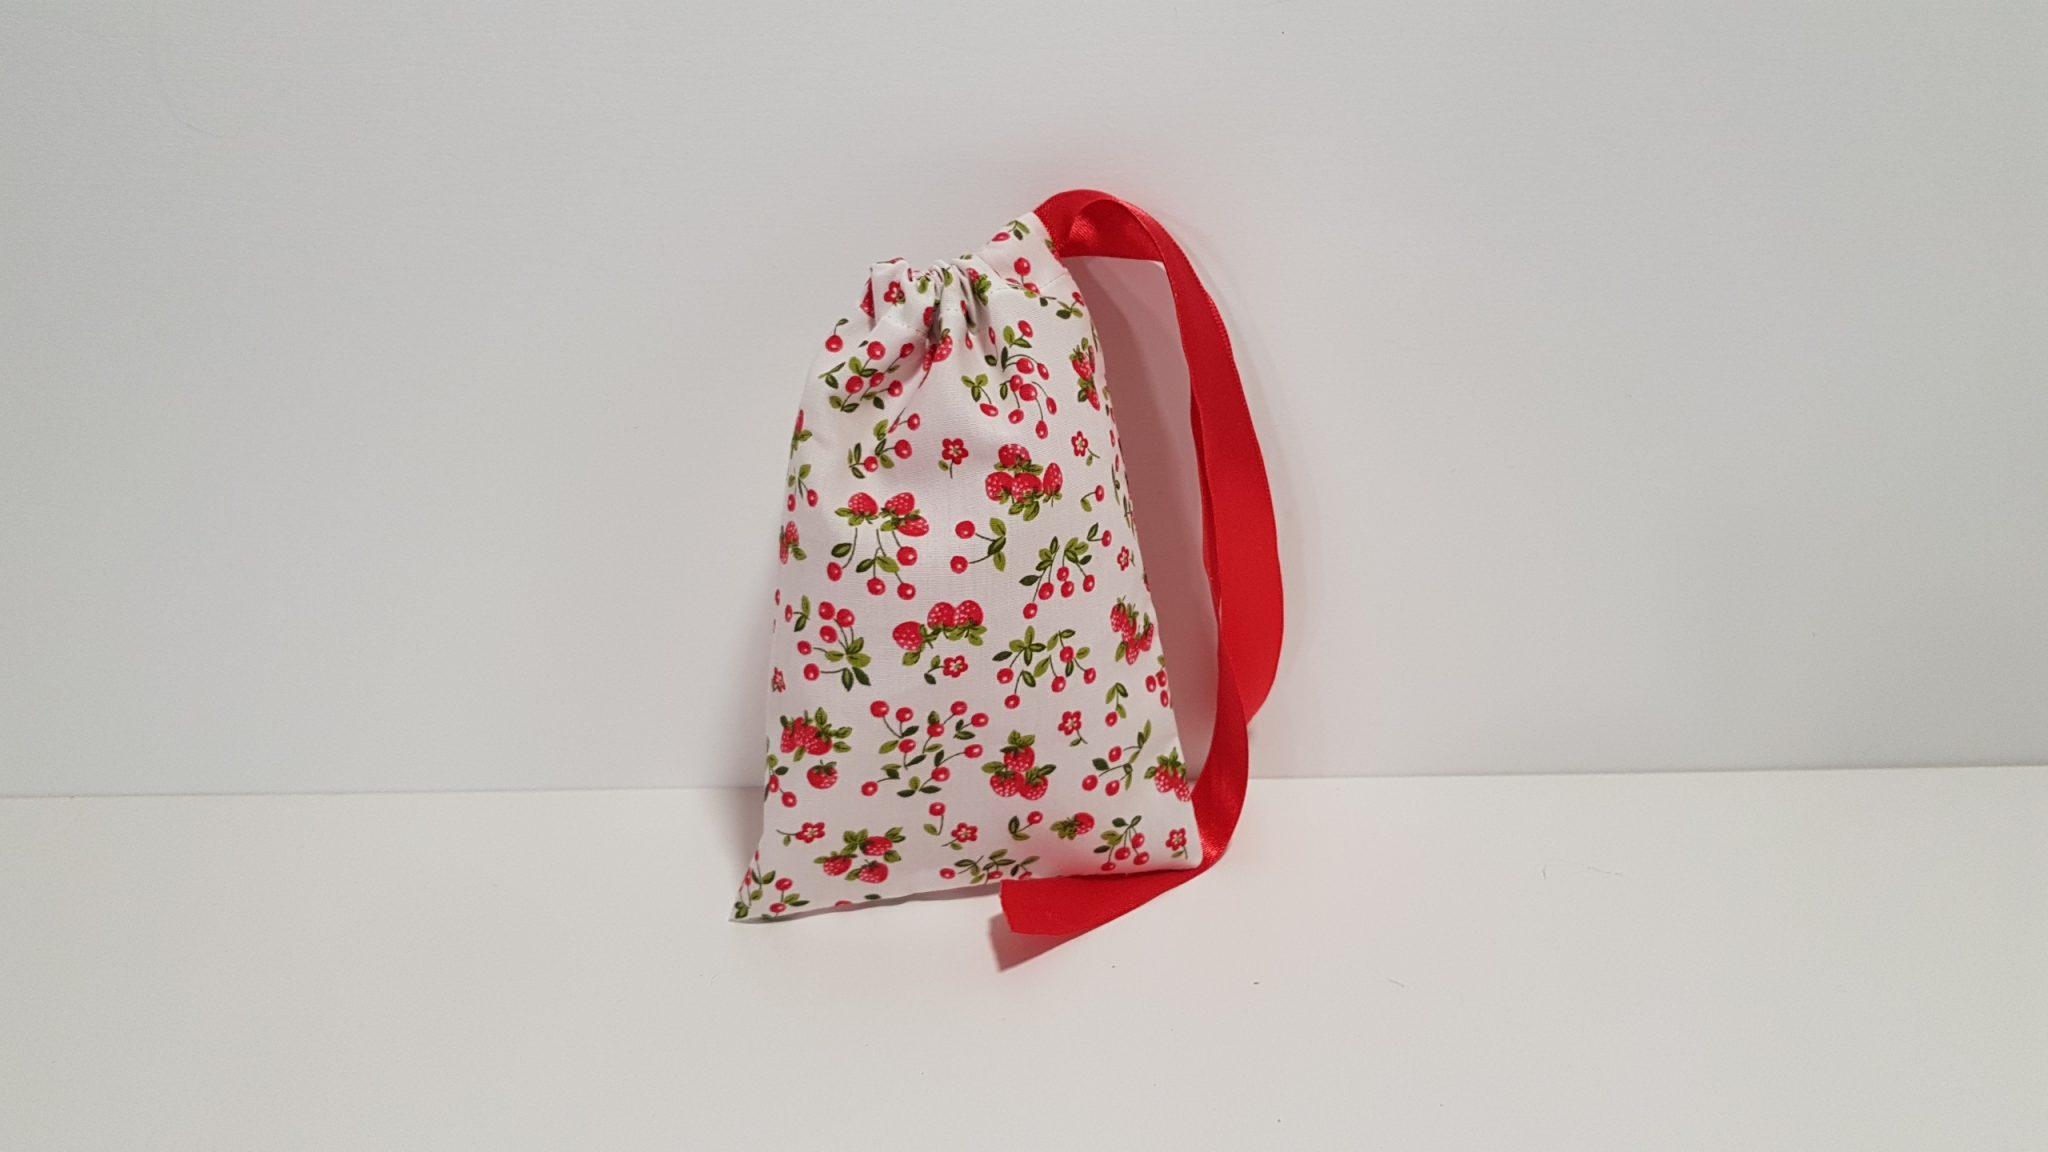 Μπομπονιέρα πουγκί με κερασάκια και φράουλες και περαστή κορδέλα.